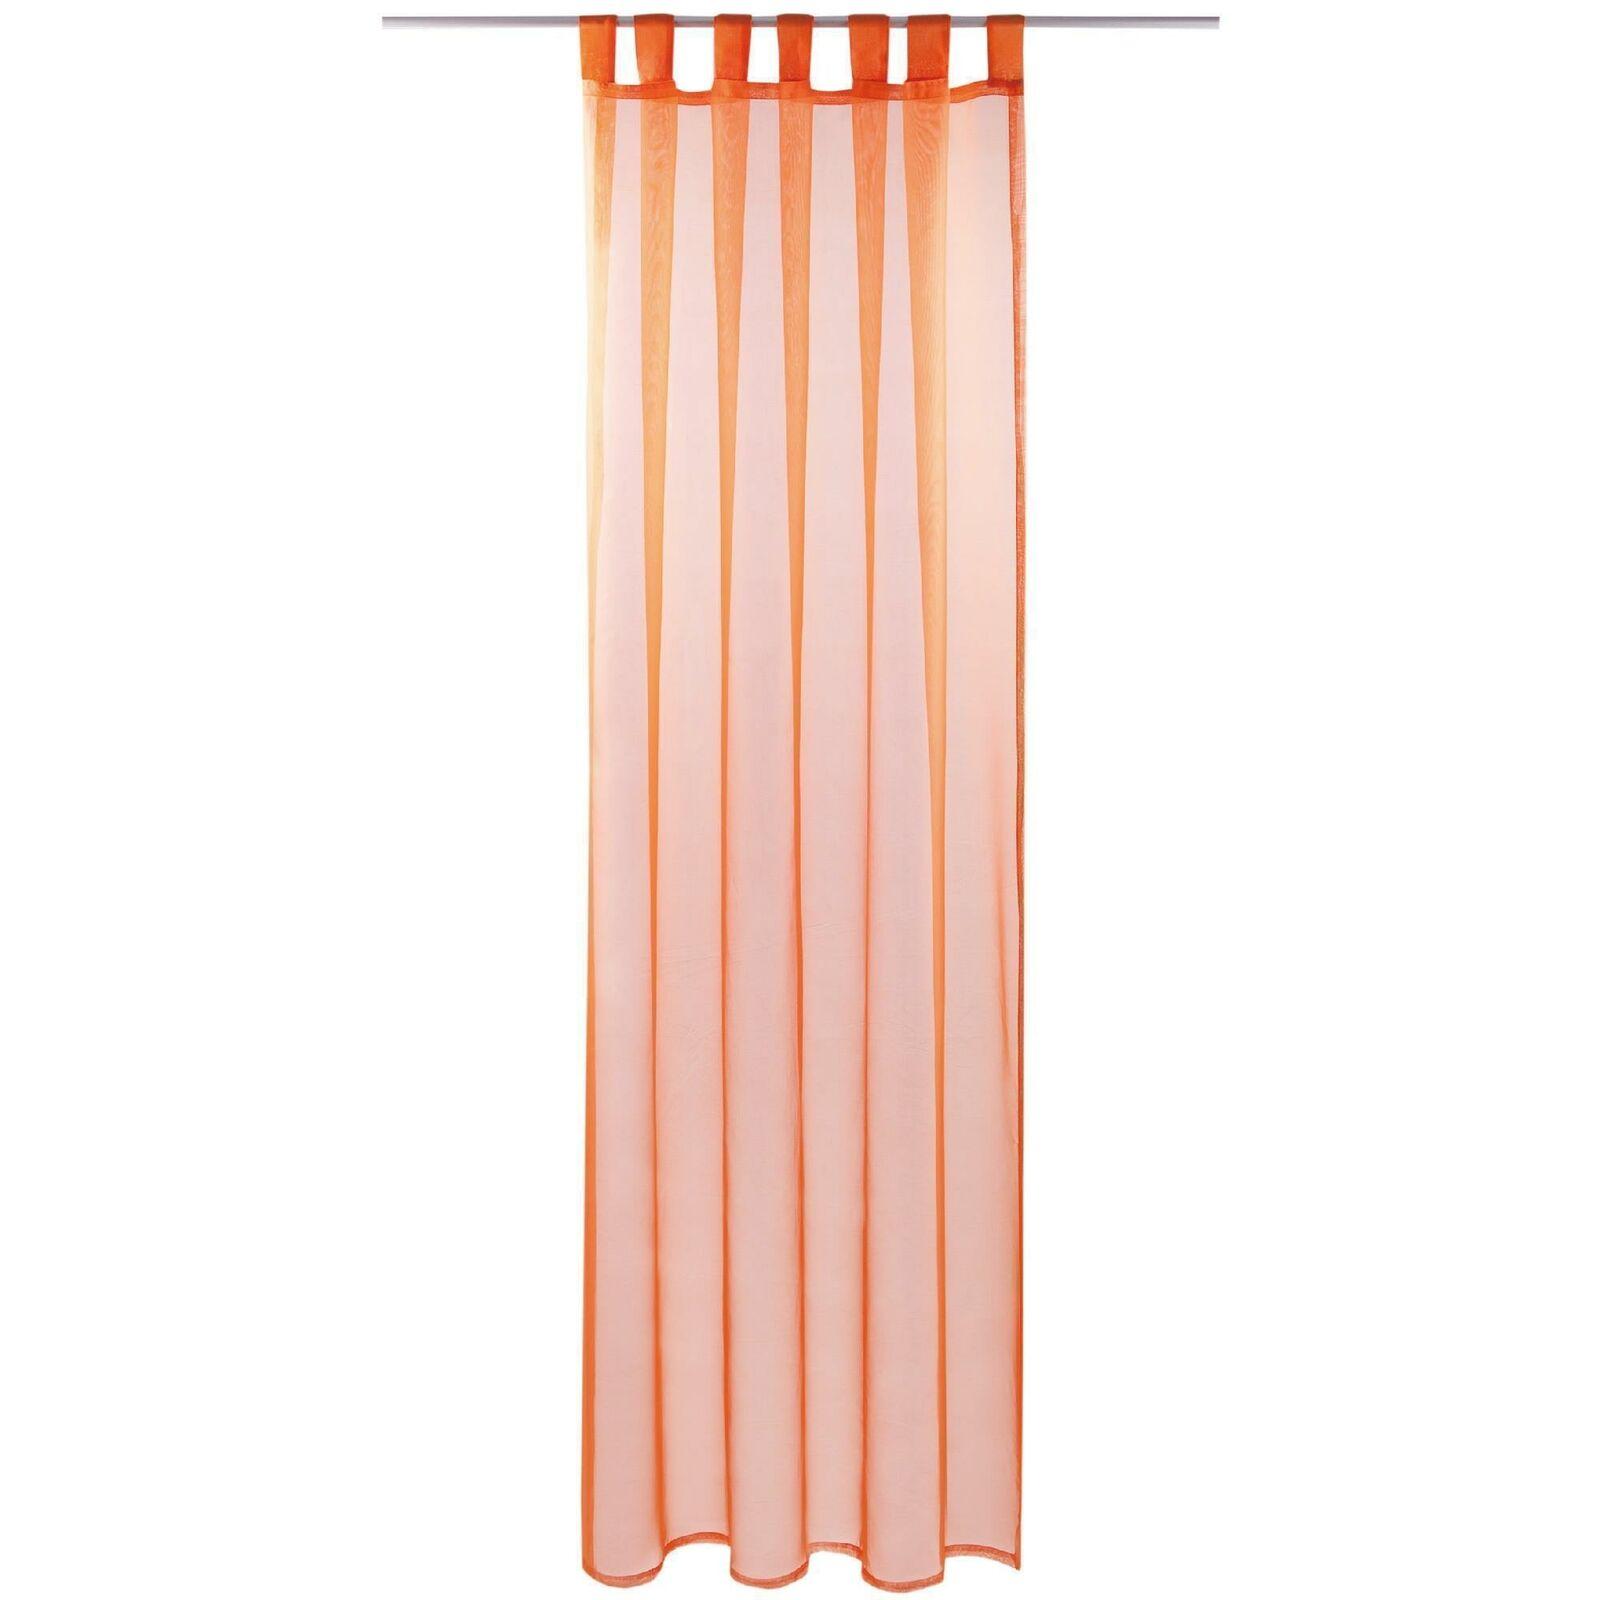 Schlaufenschal Vorhang mit Schlaufen Transparent Voile Uni Gardine große Auswahl orange - möhre